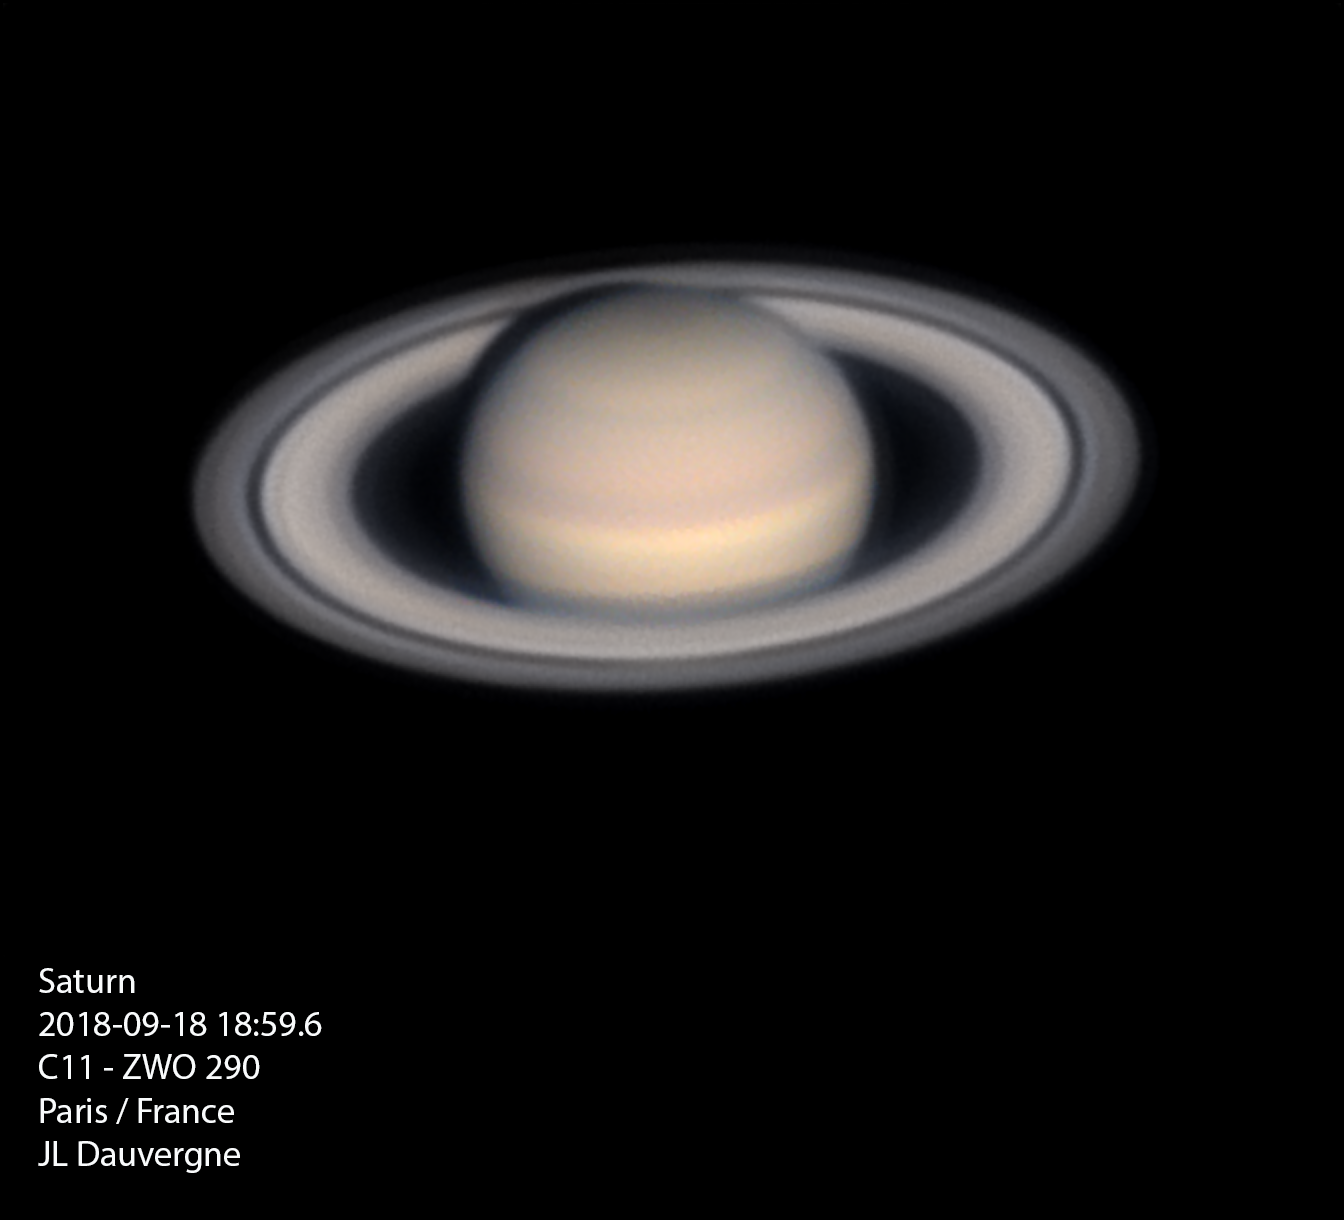 5d112e0458e48_2018-09-19-1859_6-R-Saturn_ZWOASI290MMMini_lapl6_ap155.png.223a47a83f9712accf93d44d3ccbf817.png